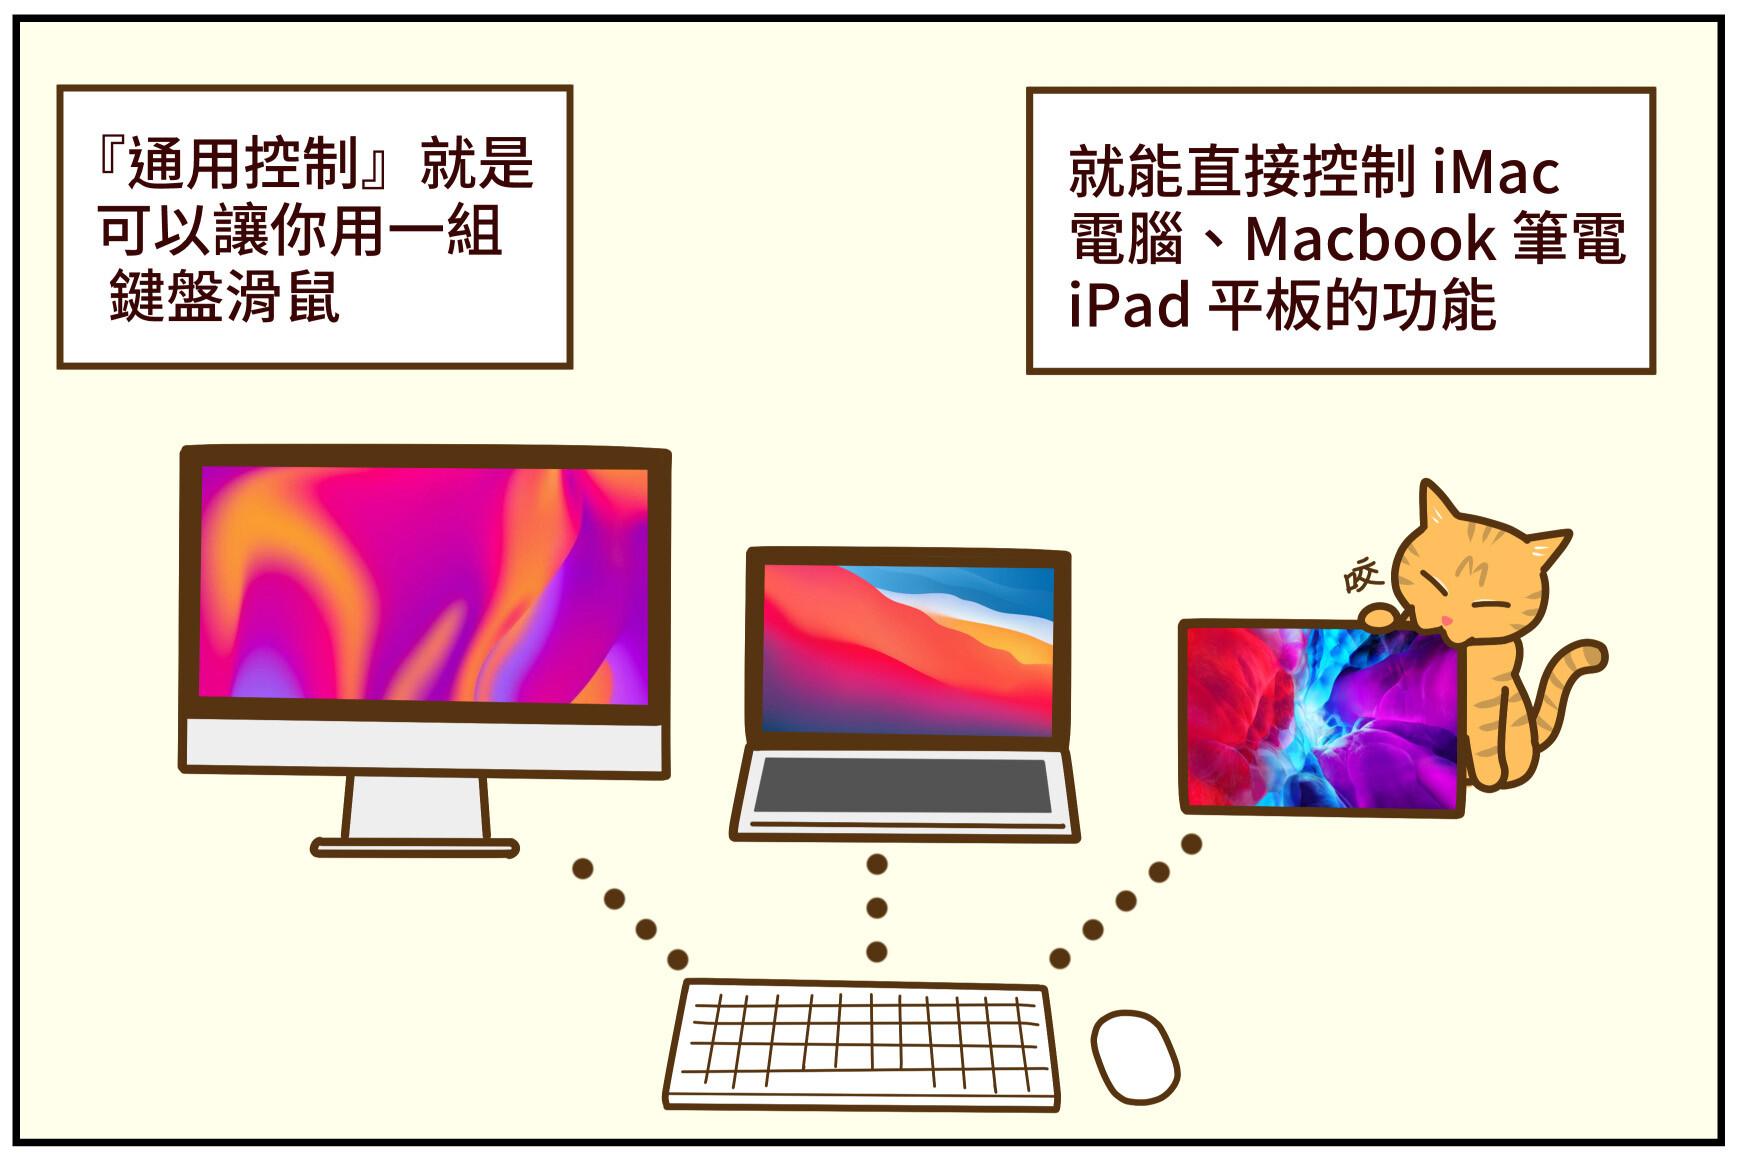 [漫畫] iPad OS 15 好用新功能 Universal Control (通用控制) @3C 達人廖阿輝